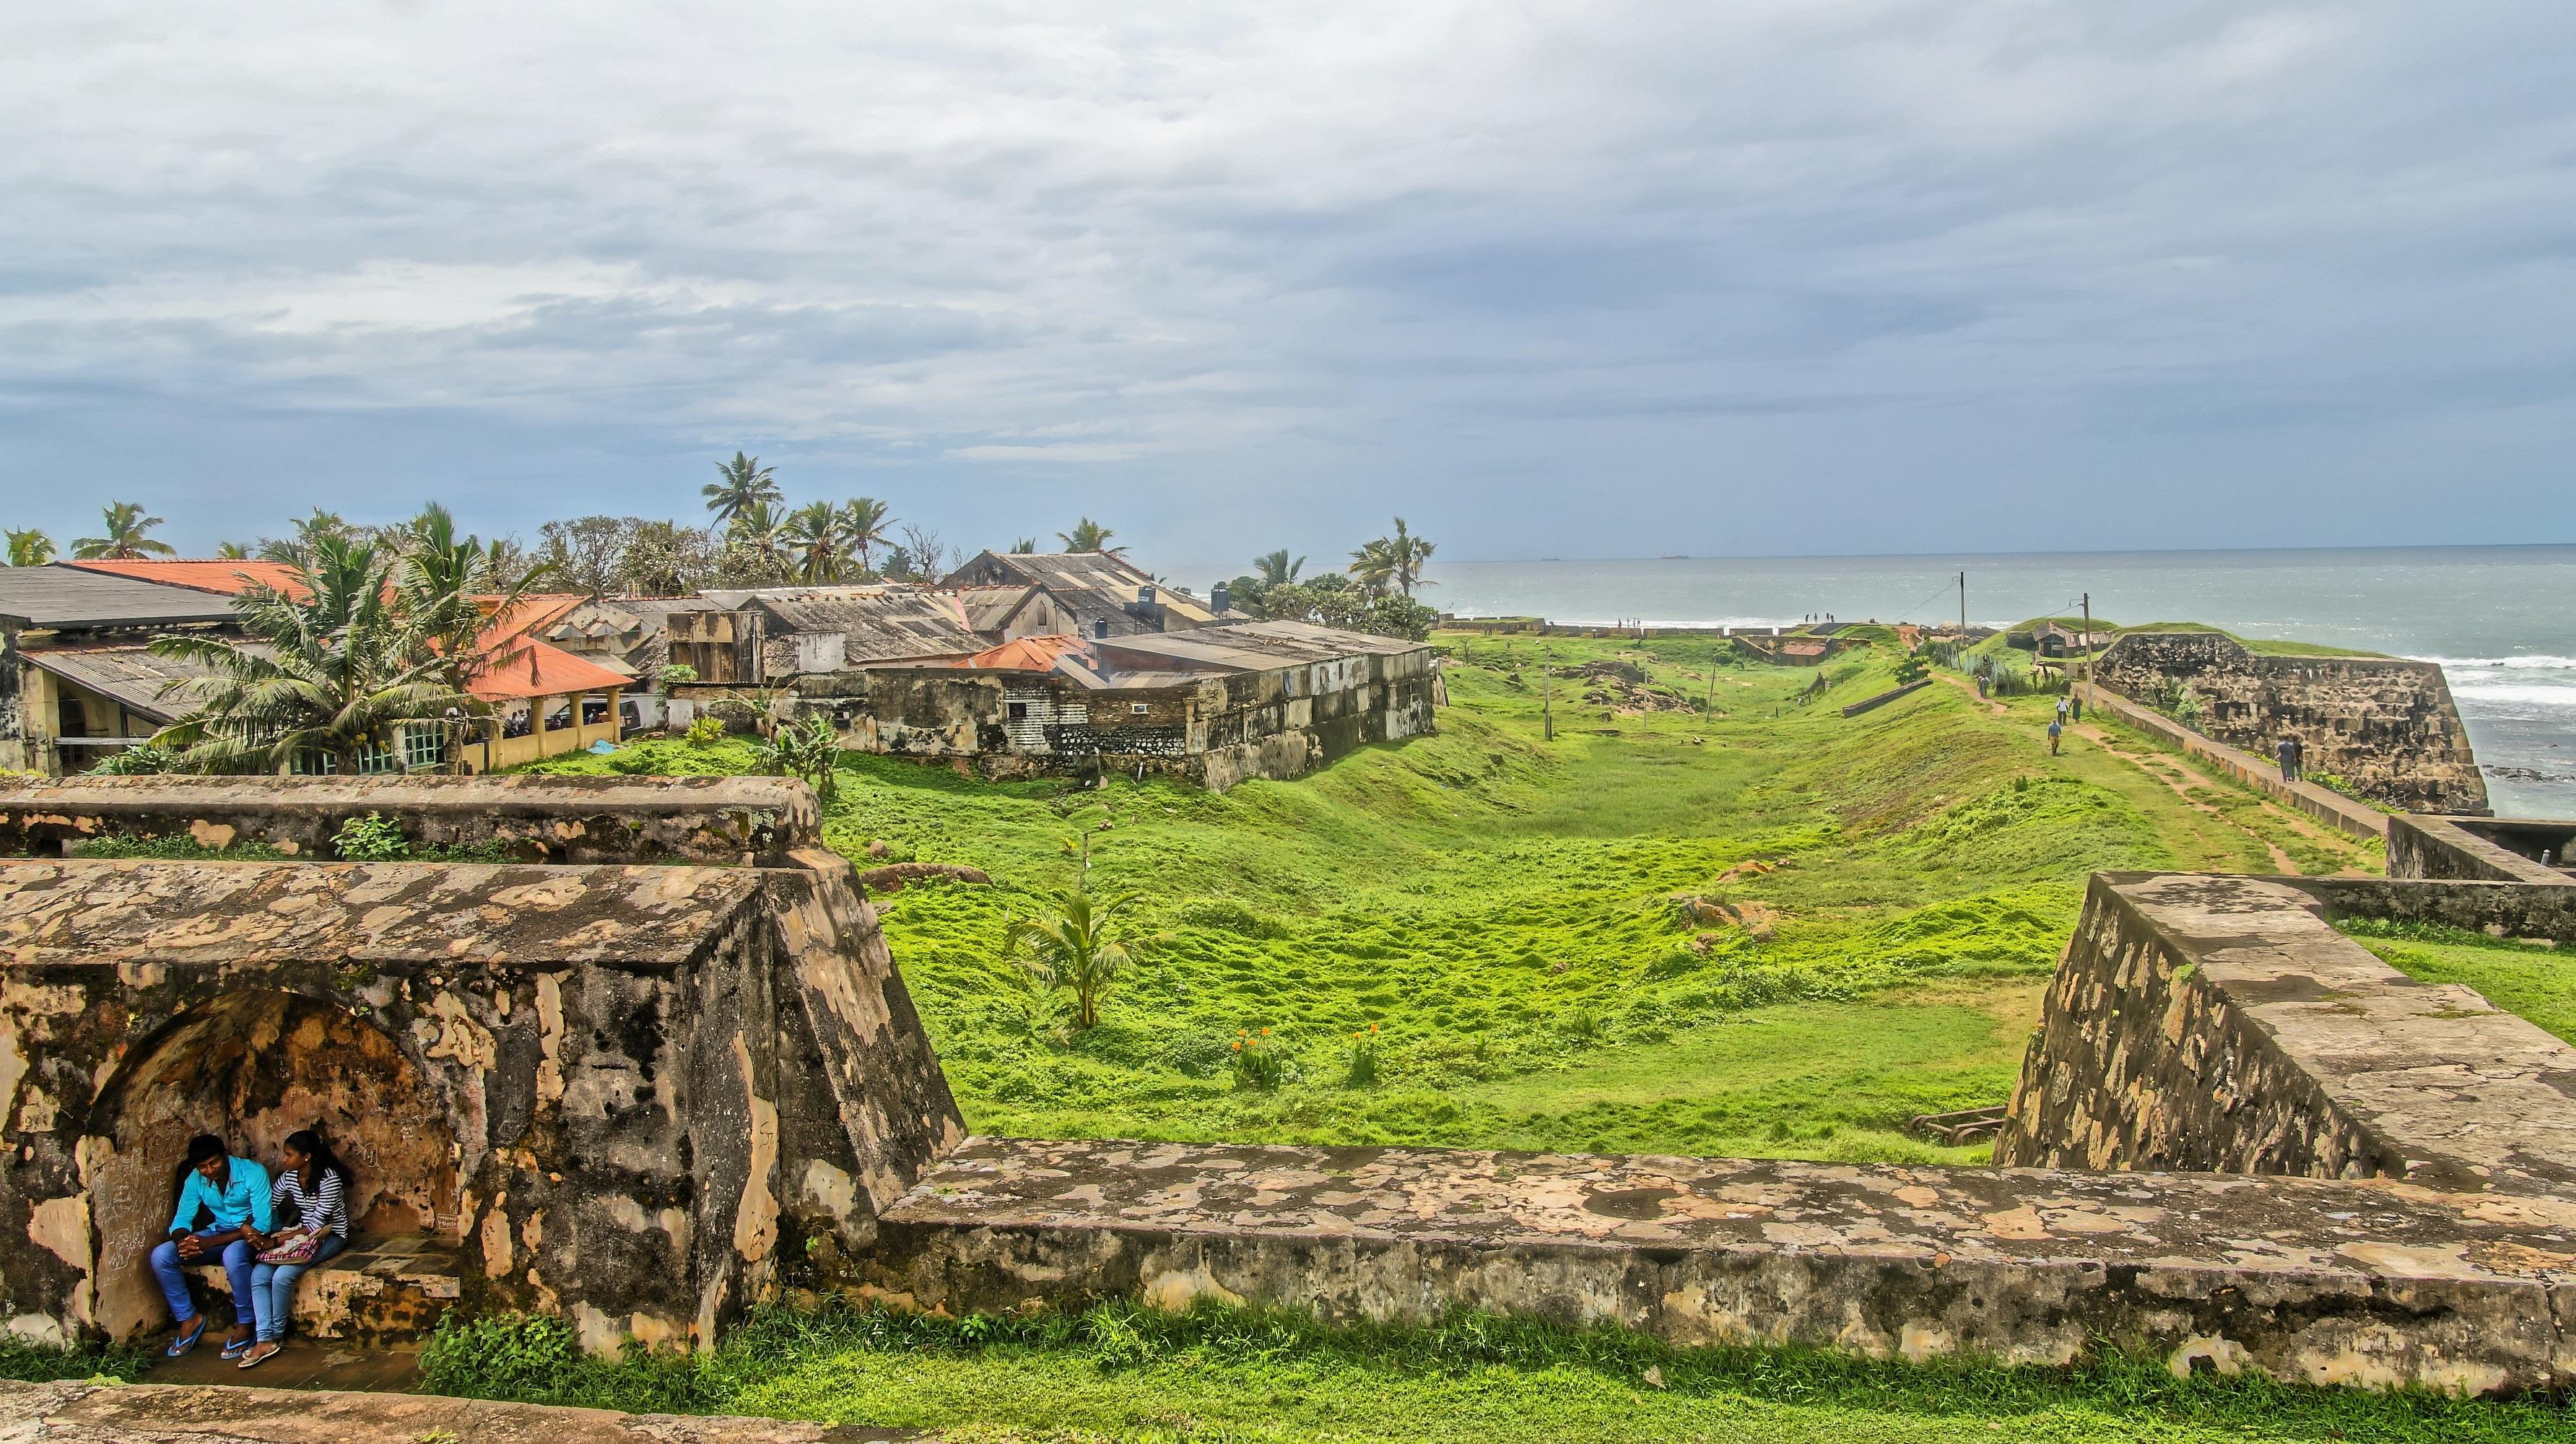 Viajar a Sri Lanka en enero - Fortaleza de Galle